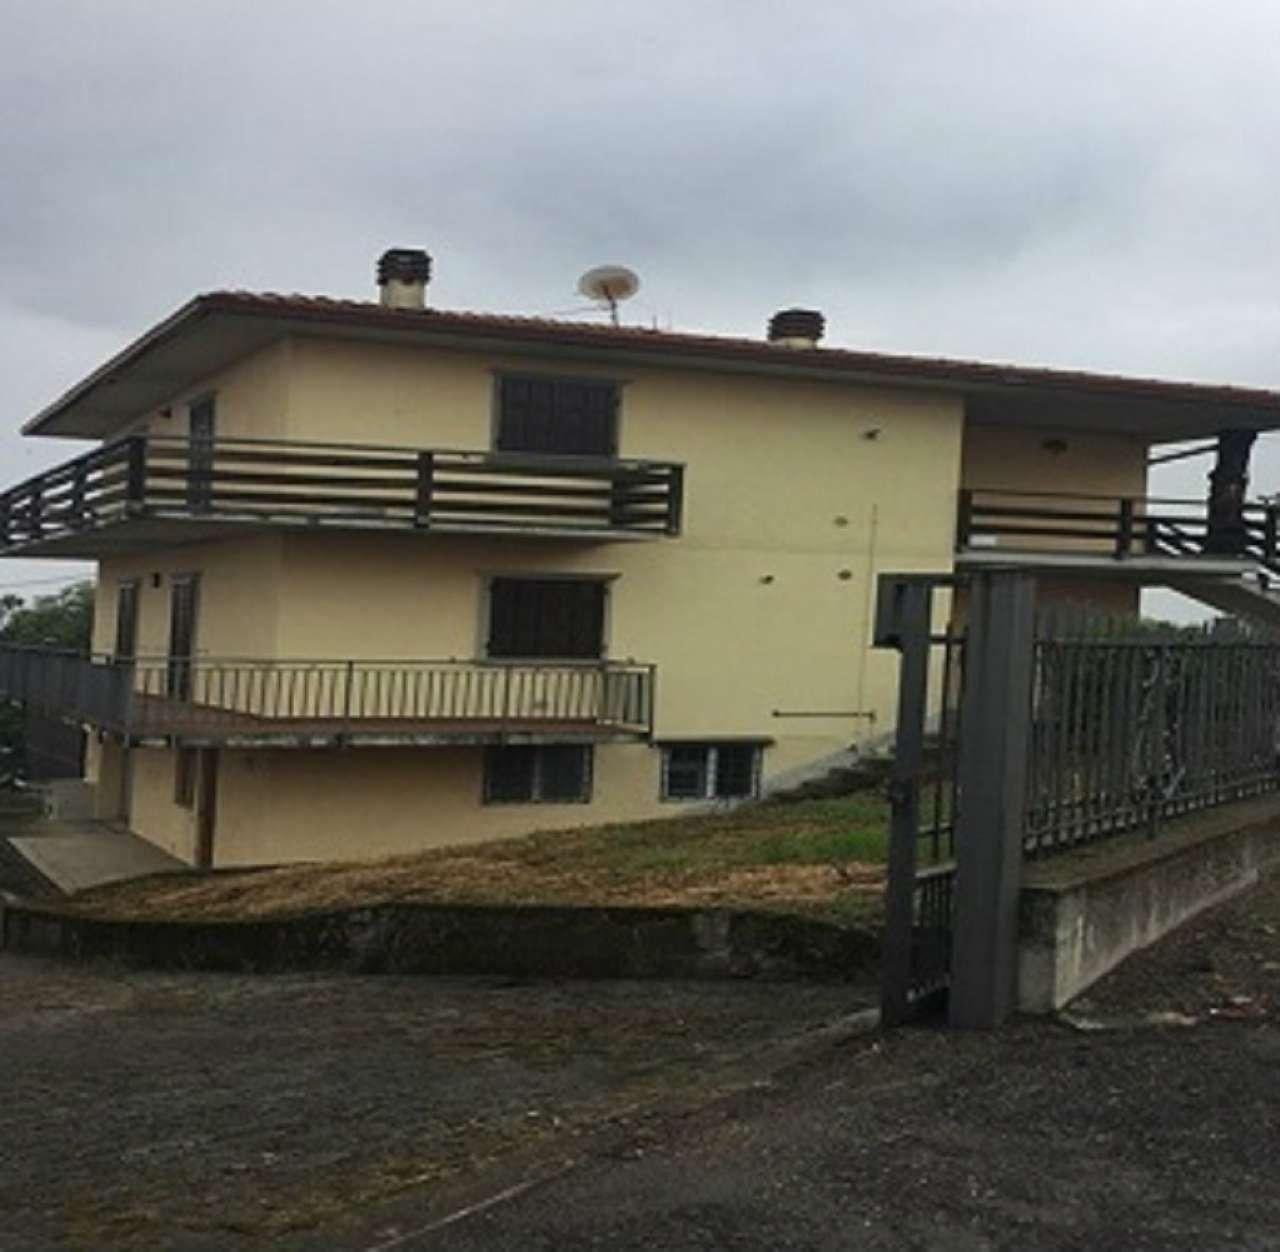 Villa Tri-Quadrifamiliare in vendita a Pian Camuno, 3 locali, prezzo € 95.000 | PortaleAgenzieImmobiliari.it